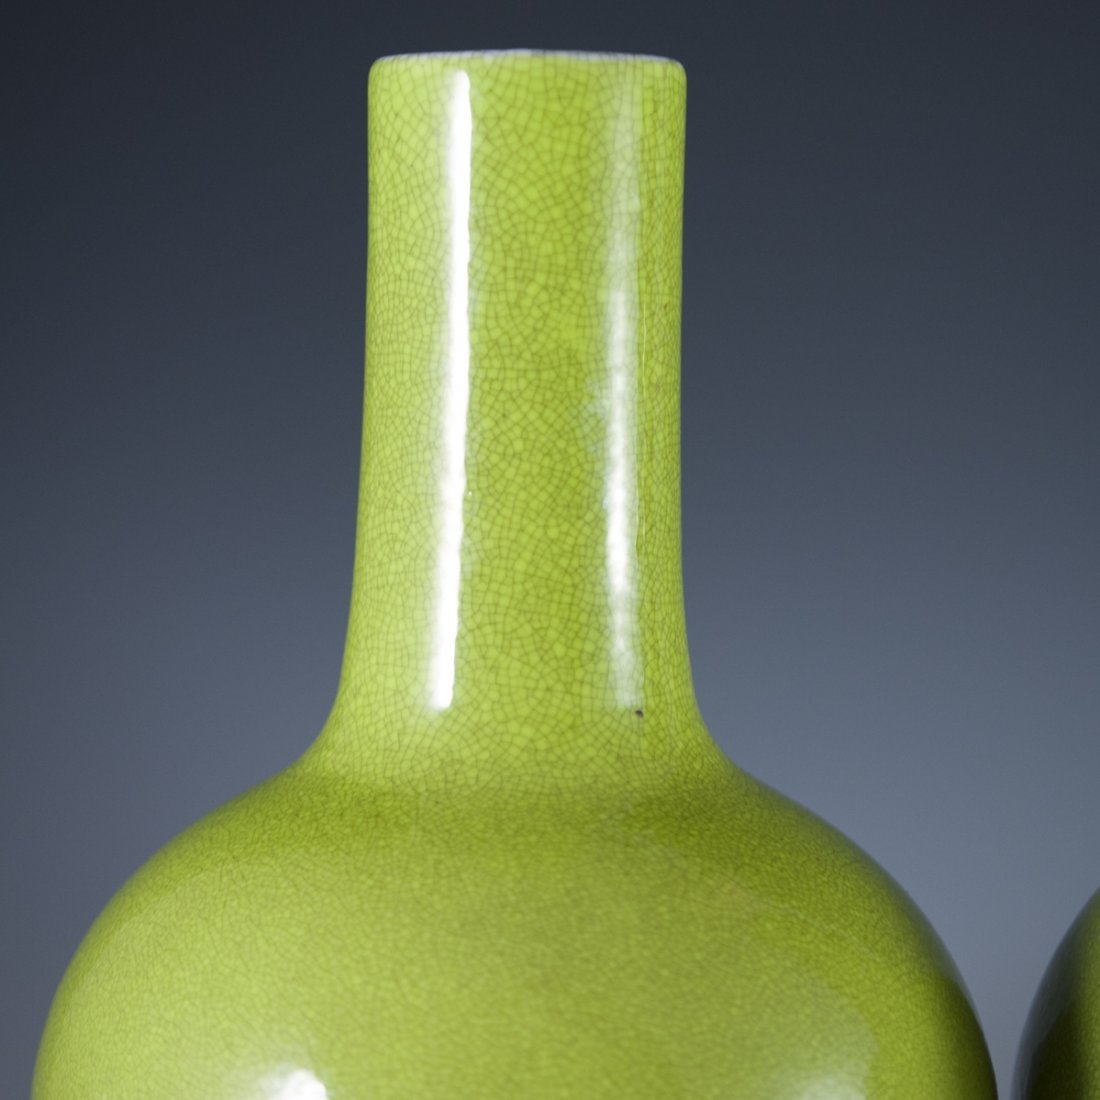 Chinese Porcelain Apple Green Bottle Vases - 2